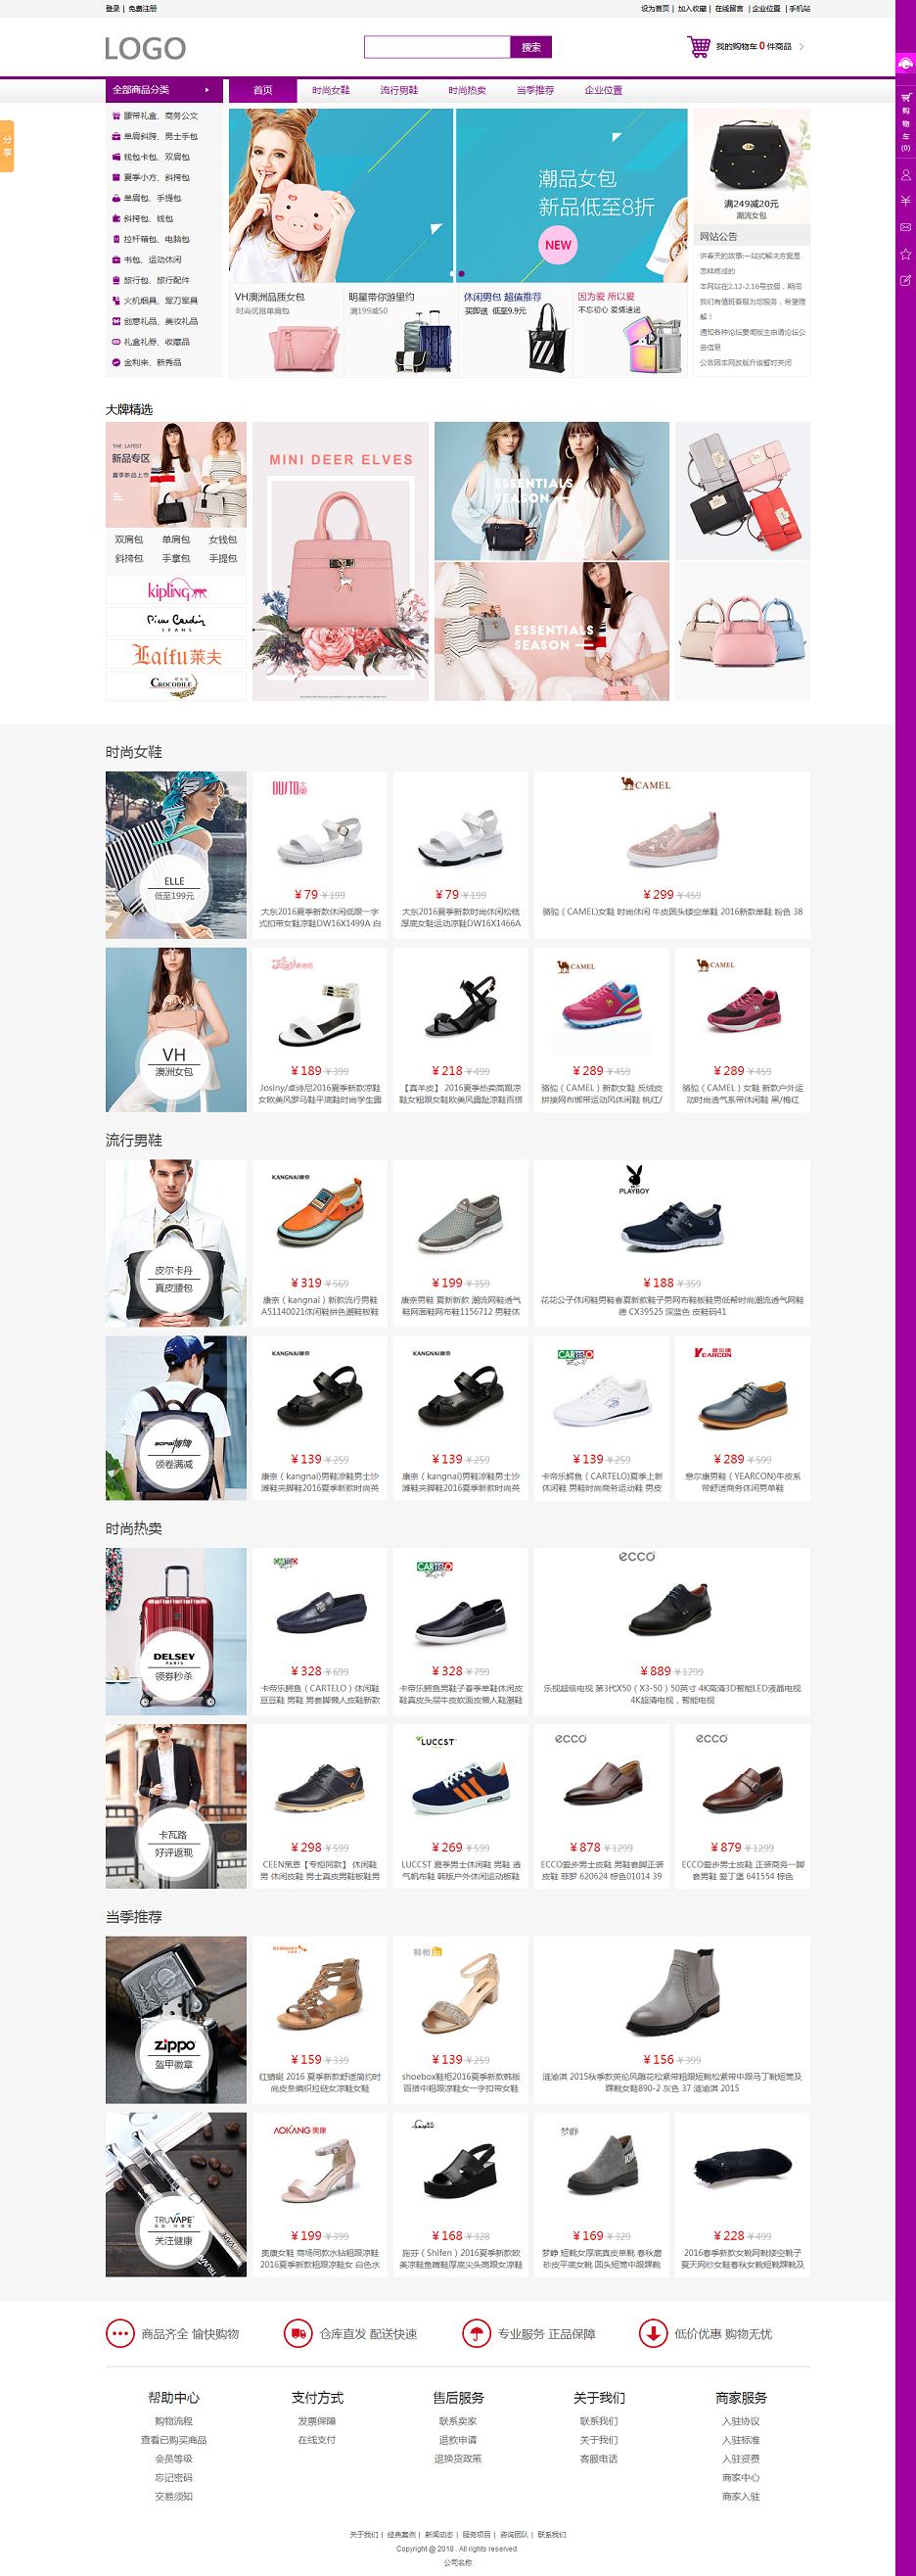 服装/鞋帽/箱包-服装网站建设 鞋帽网站设计 箱包网站制作-毅耘科技,毅耘科技